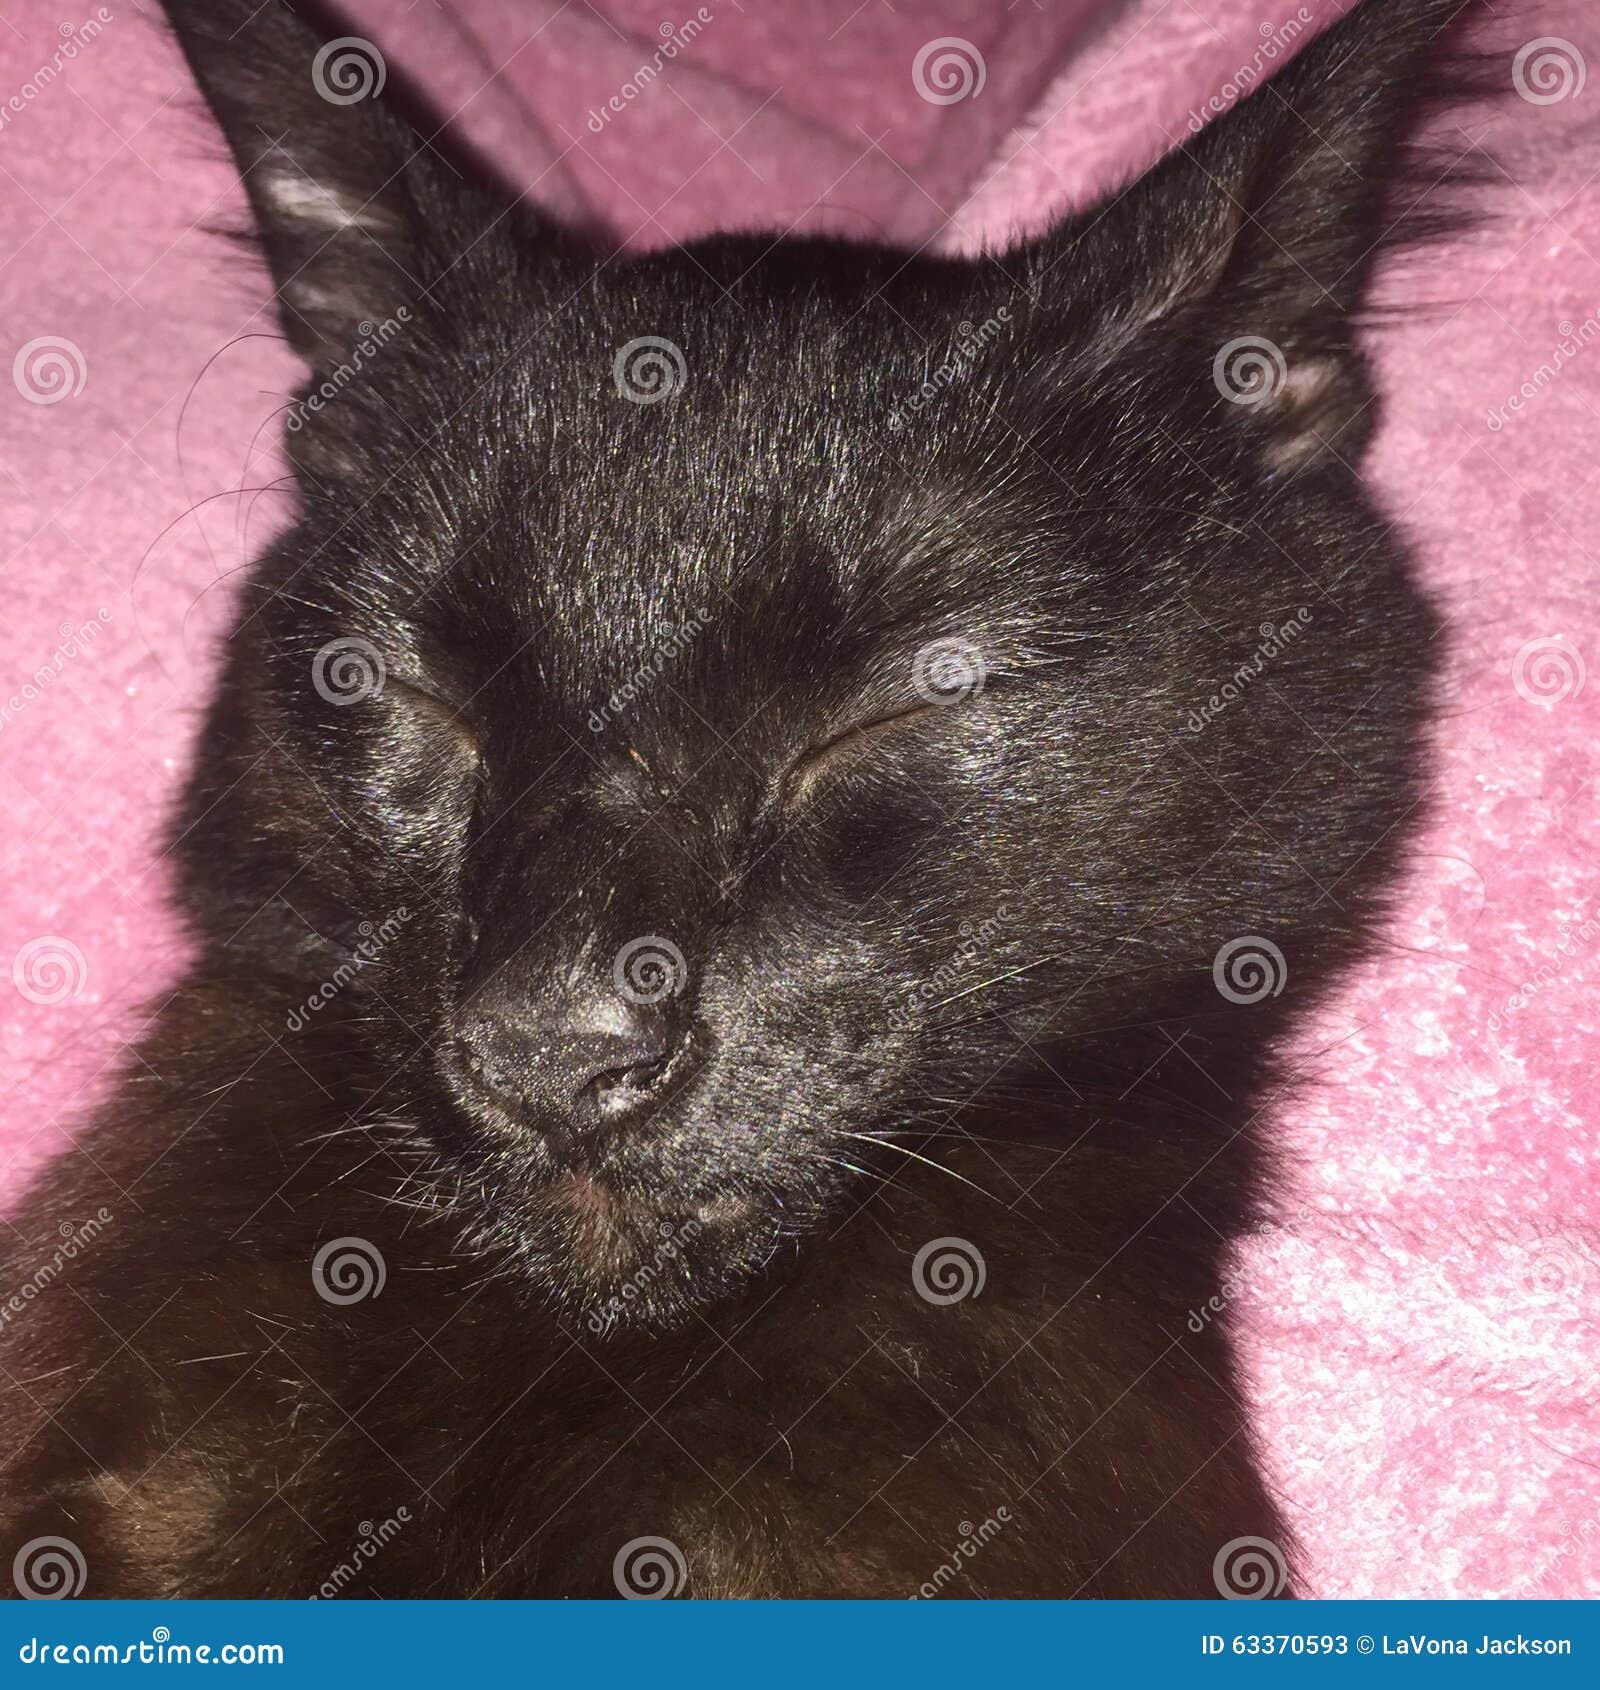 Les chats noirs sont beaux photo stock image 63370593 - Les danois sont beaux ...